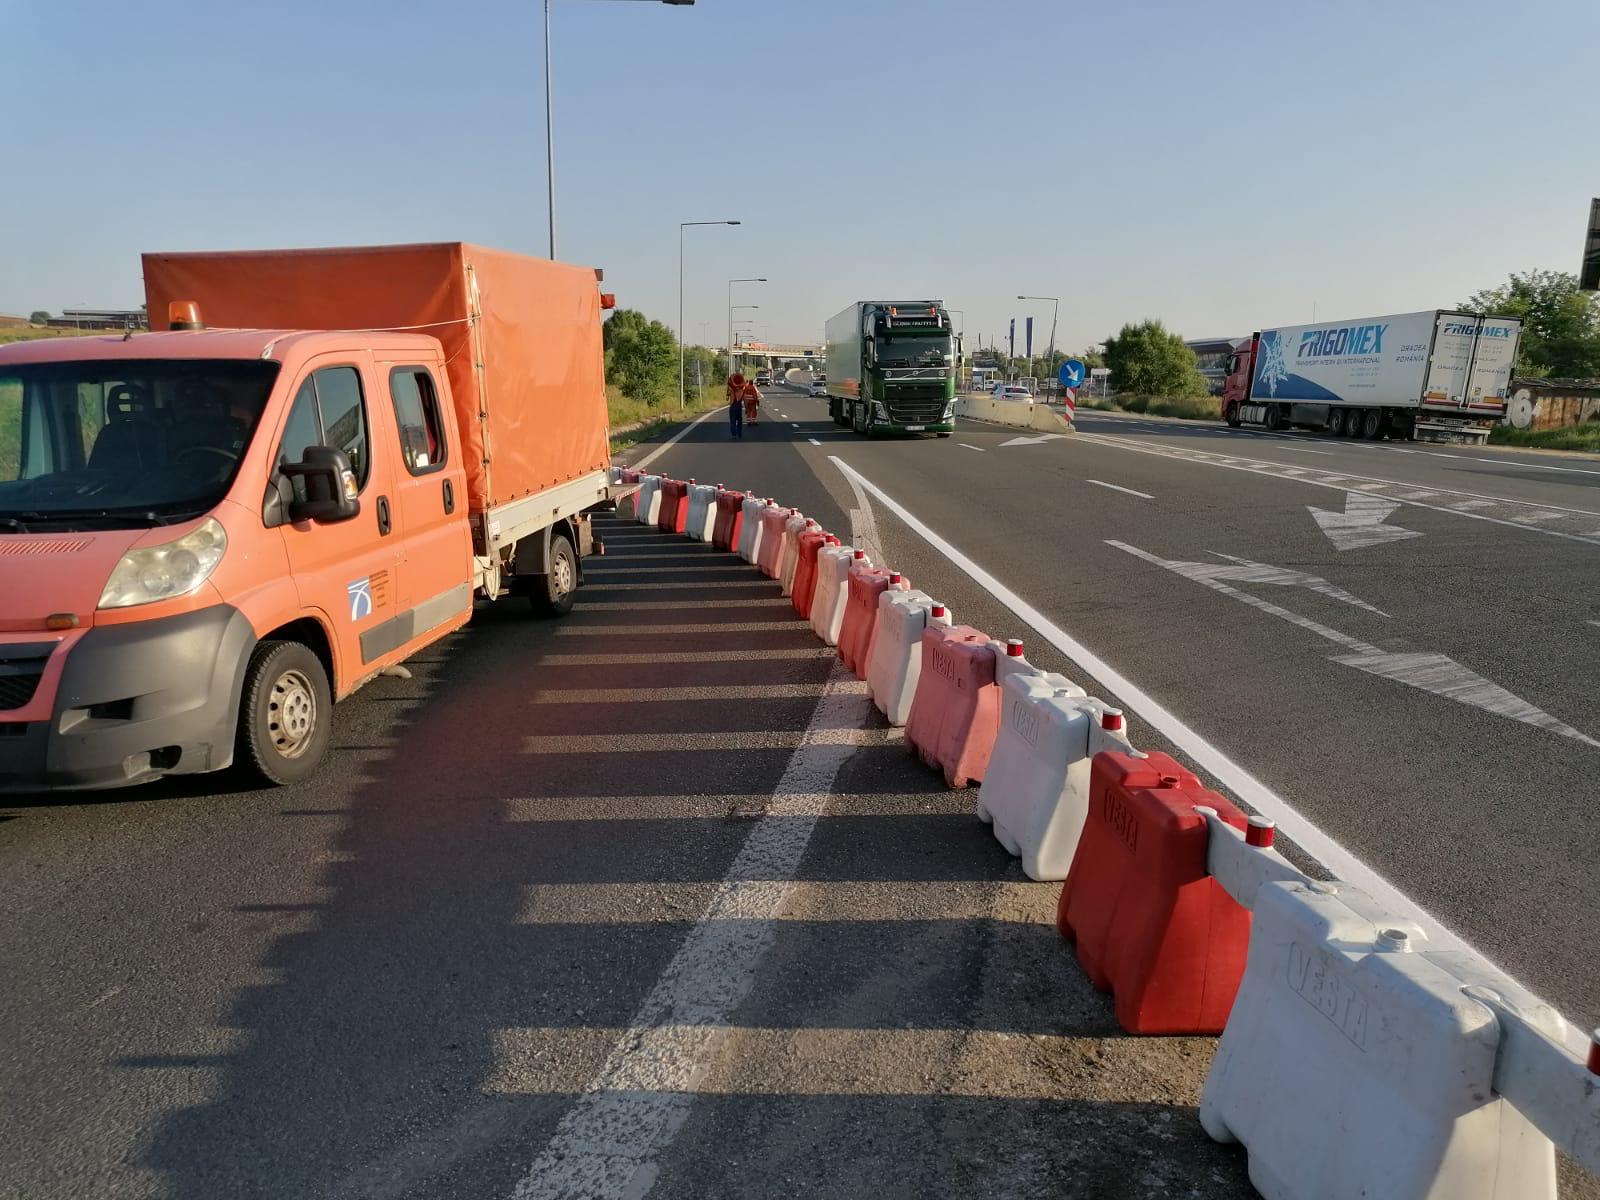 Acces blocat la intrarea pe autostradă, dinspre Brașov. Traficul este deviat spre Cisnădie